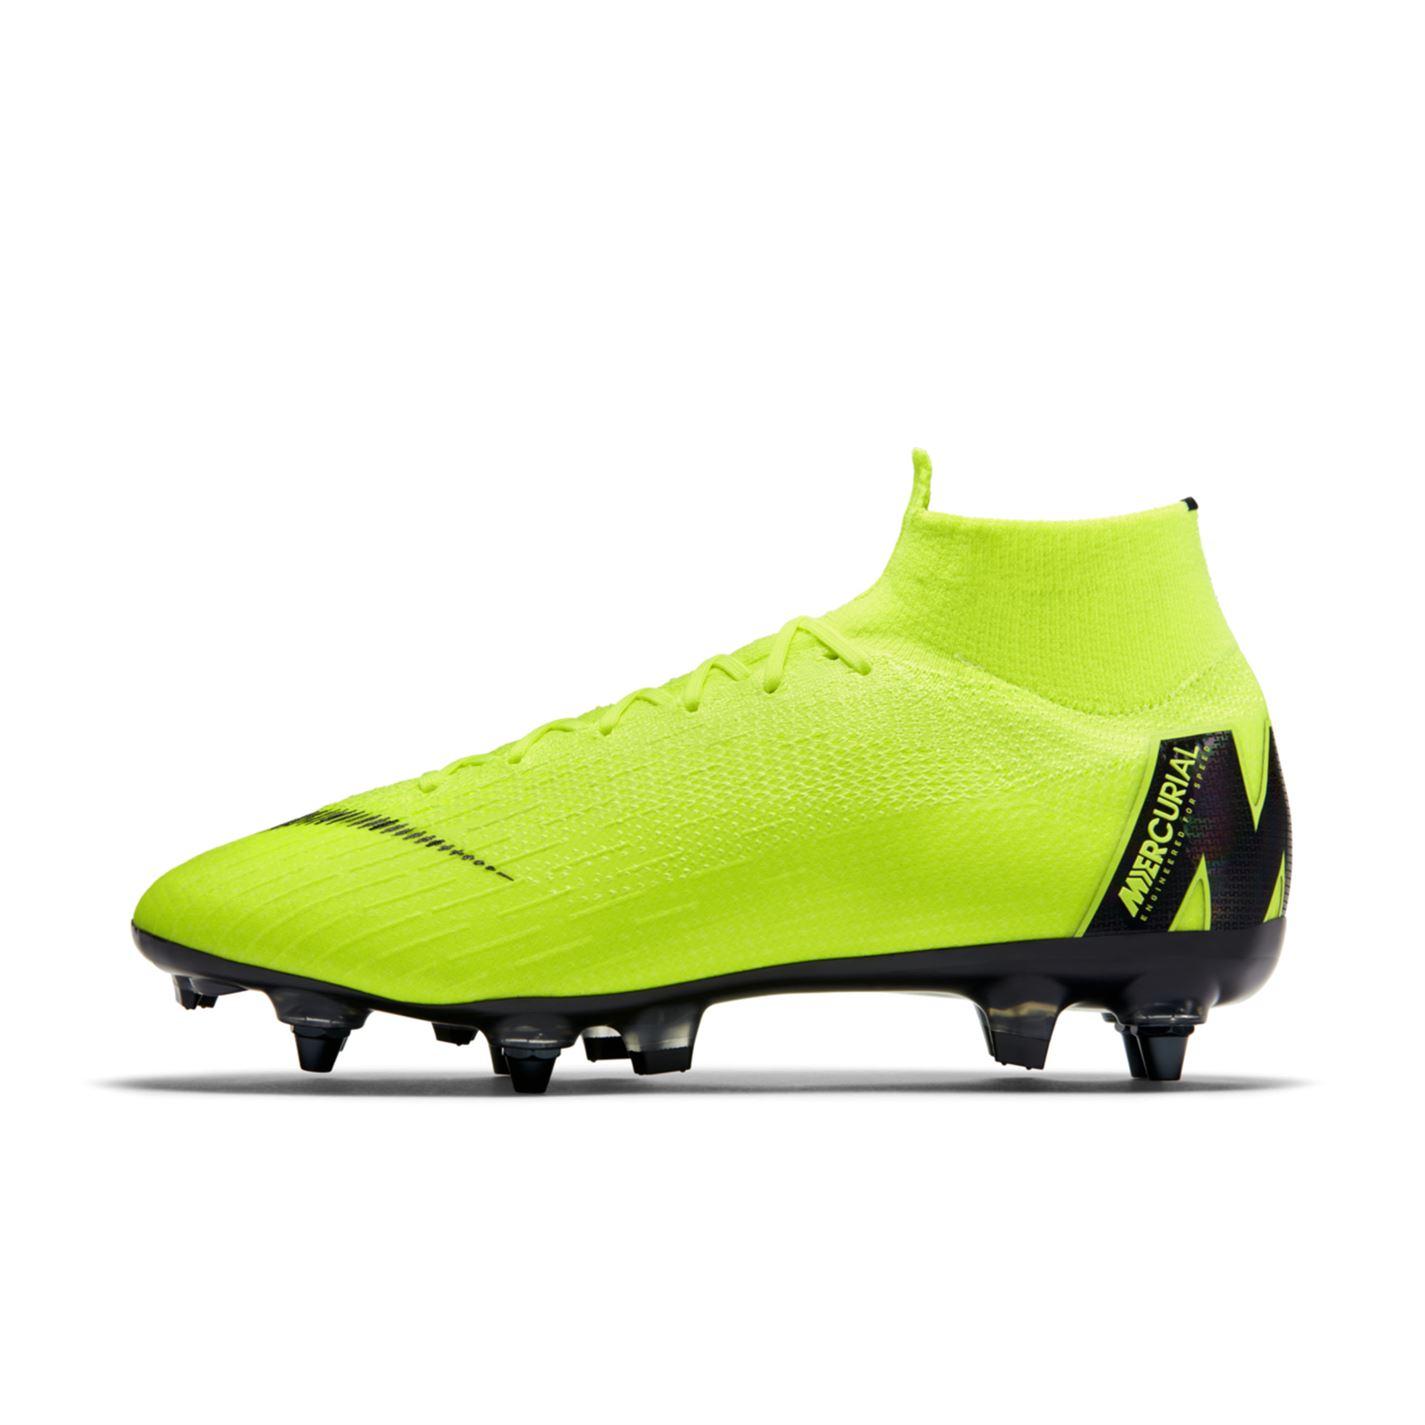 kopačky Nike Mercurial Superfly Elite DF pánské SG